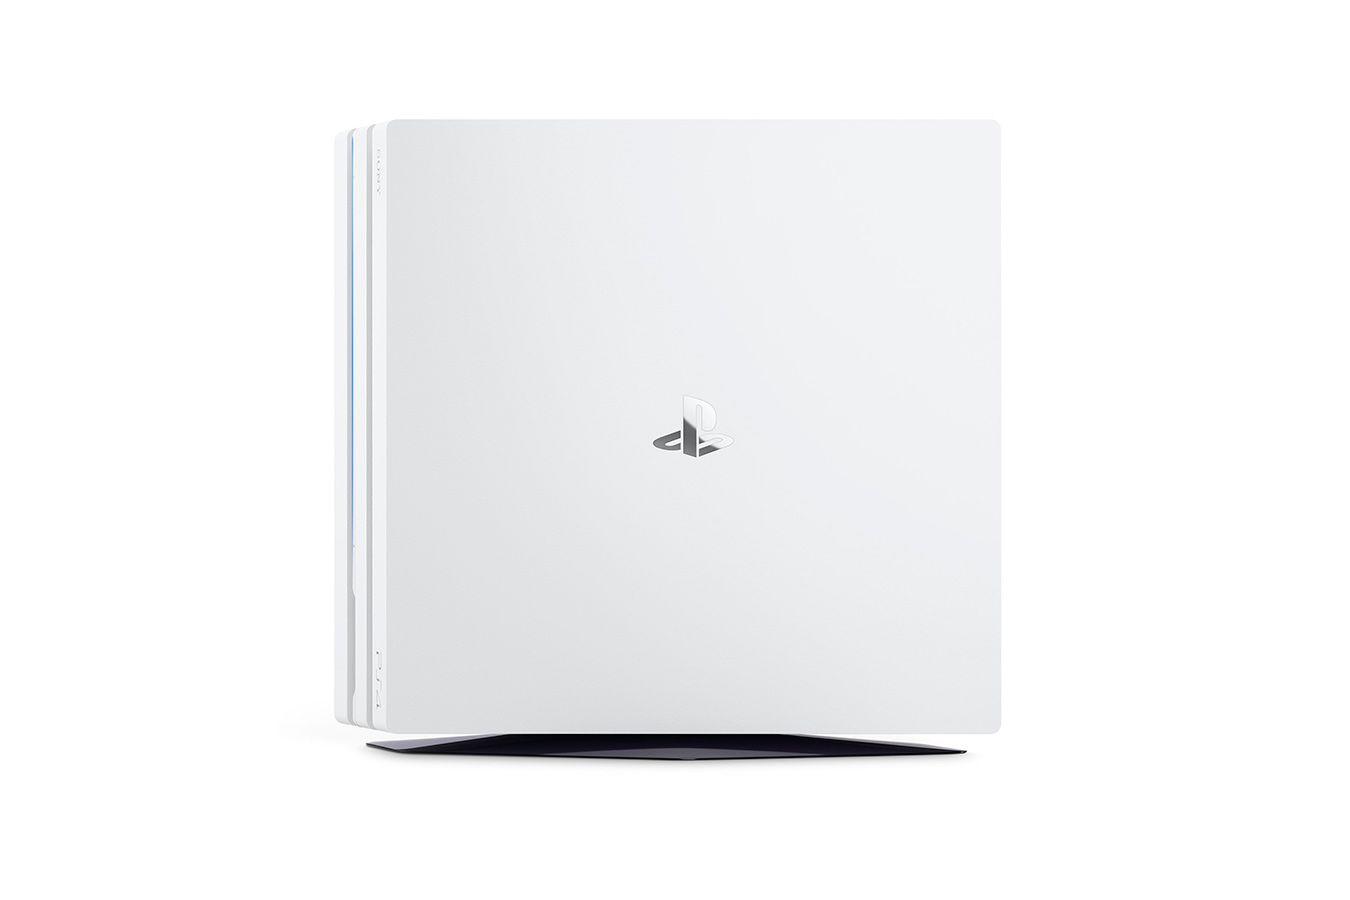 Белая PlayStation 4 Pro изображение 3